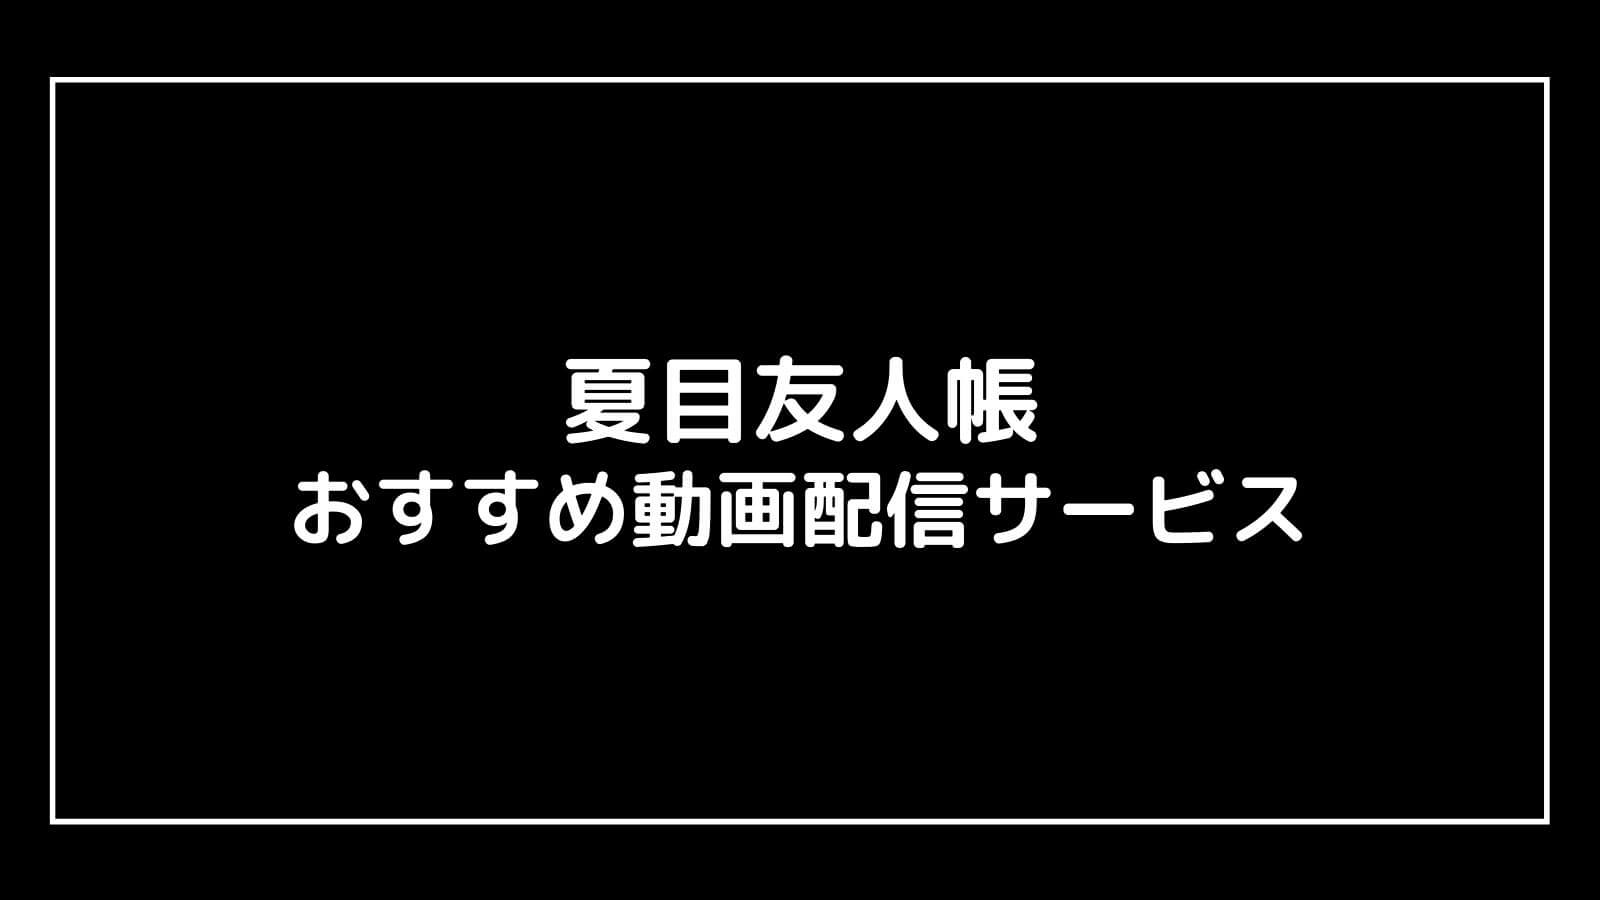 アニメ映画『夏目友人帳 石起こしと怪しき来訪者』の無料動画配信をフル視聴する方法